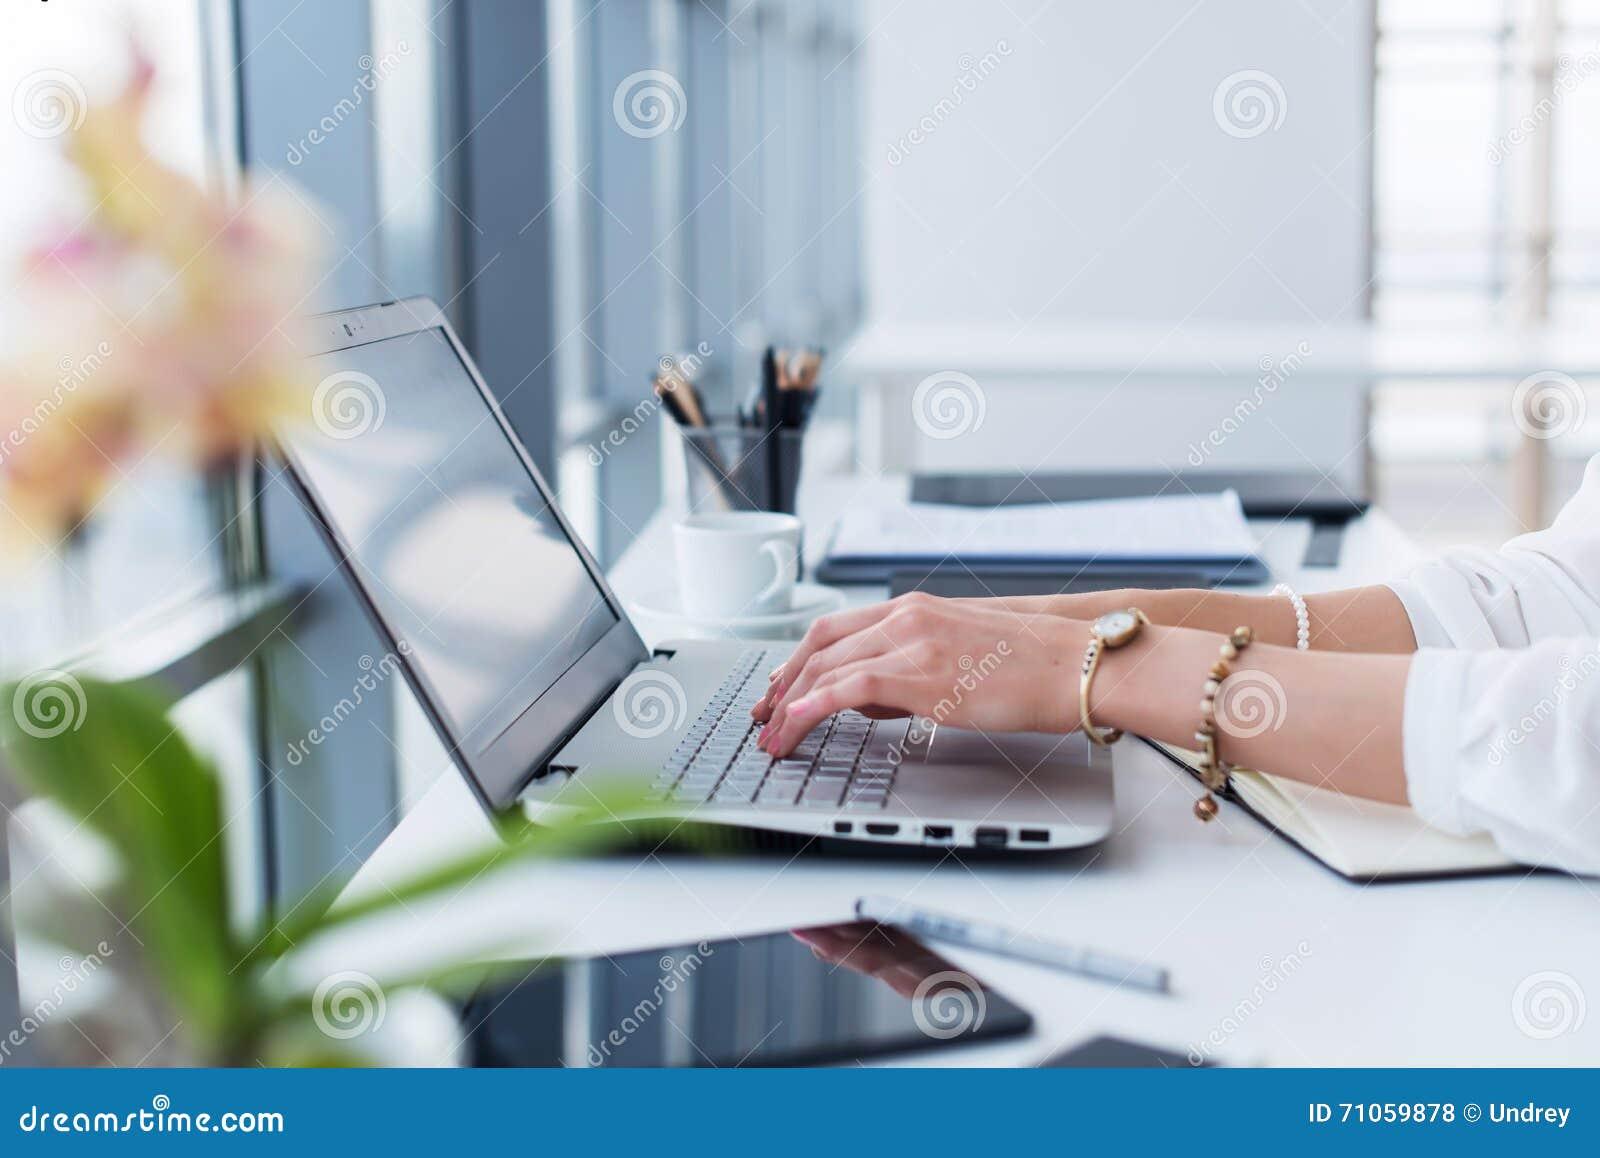 Copywriter femminile nel suo luogo di lavoro, casa, scrivendo nuovo testo facendo uso del computer portatile e del collegamento a